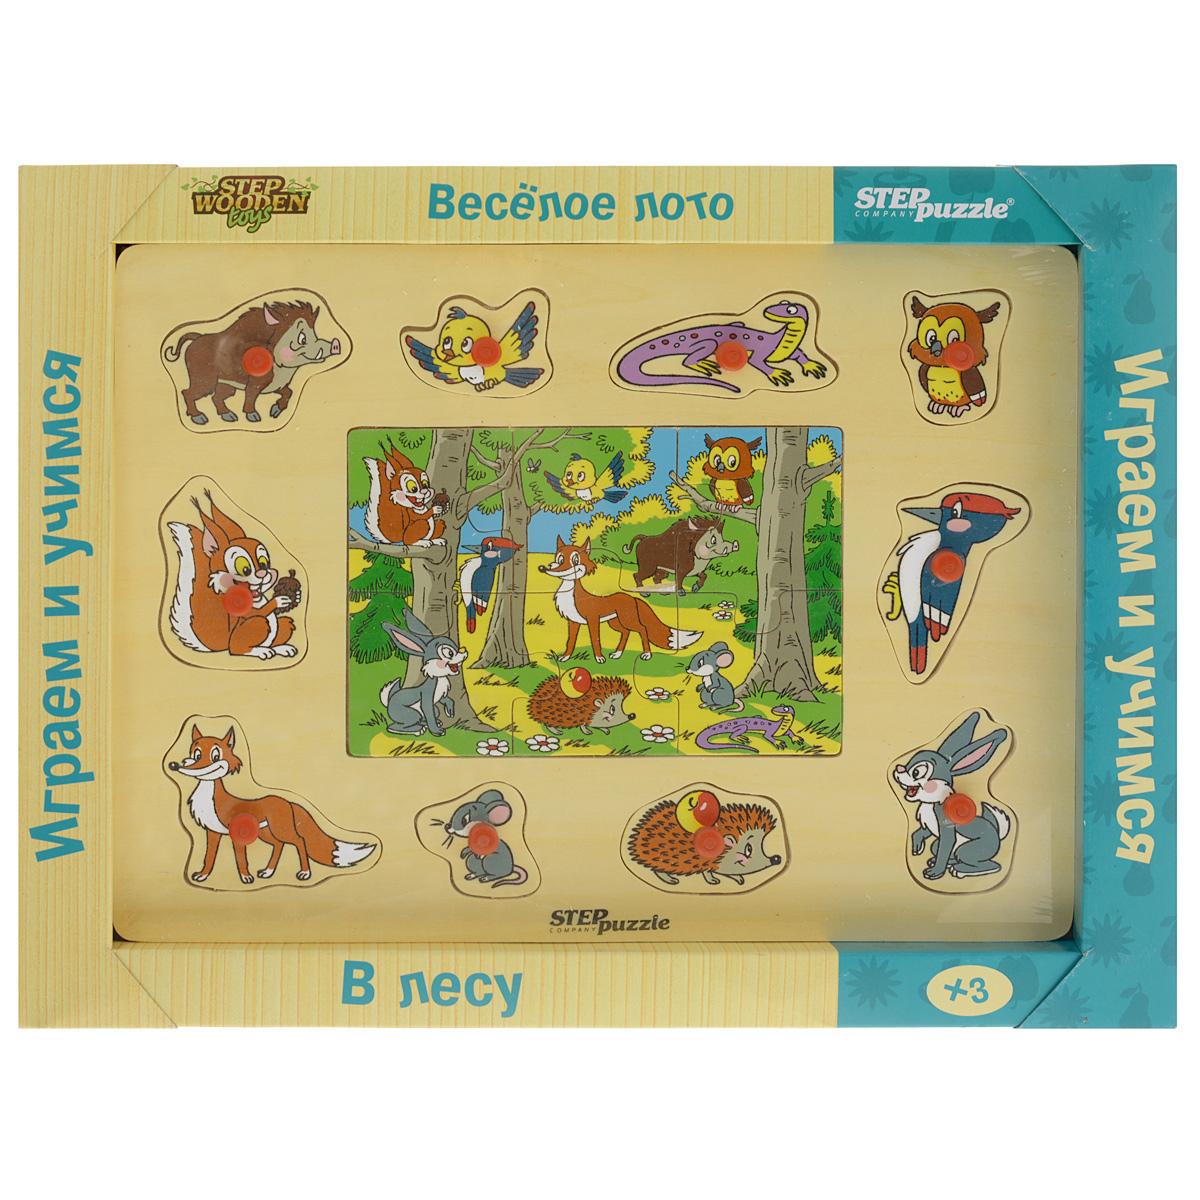 Деревянный пазл-вкладыш Веселое лото. В лесу, 16 элементов89604_в лесуУвлекательная развивающая игра Веселое лото. В лесу поможет малышу познакомится с лесными жителями. Игра развивает логическое мышление, память, мелкую моторику, позволяет моделировать множество игровых ситуаций. Набор состоит из 6 пазлов и 10 отдельных фигурок из дерева с изображением обитателей леса.